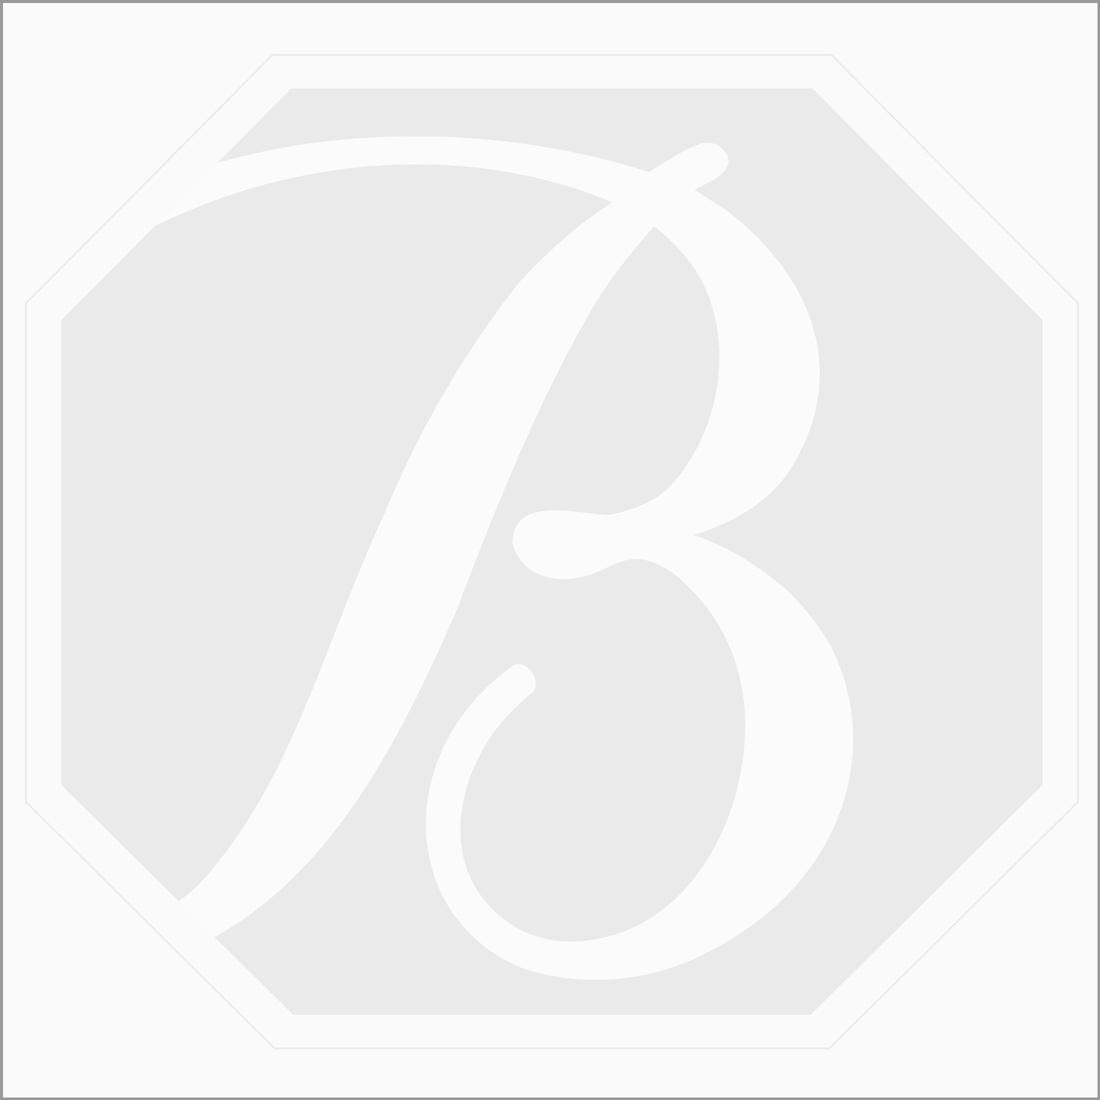 10 Pcs - Dark Brown Smoky Quartz Rose Cut - 220.47 ct. - 26 x 18 x 5 mm to 33 x 25 x 6 mm (SQRC1014)